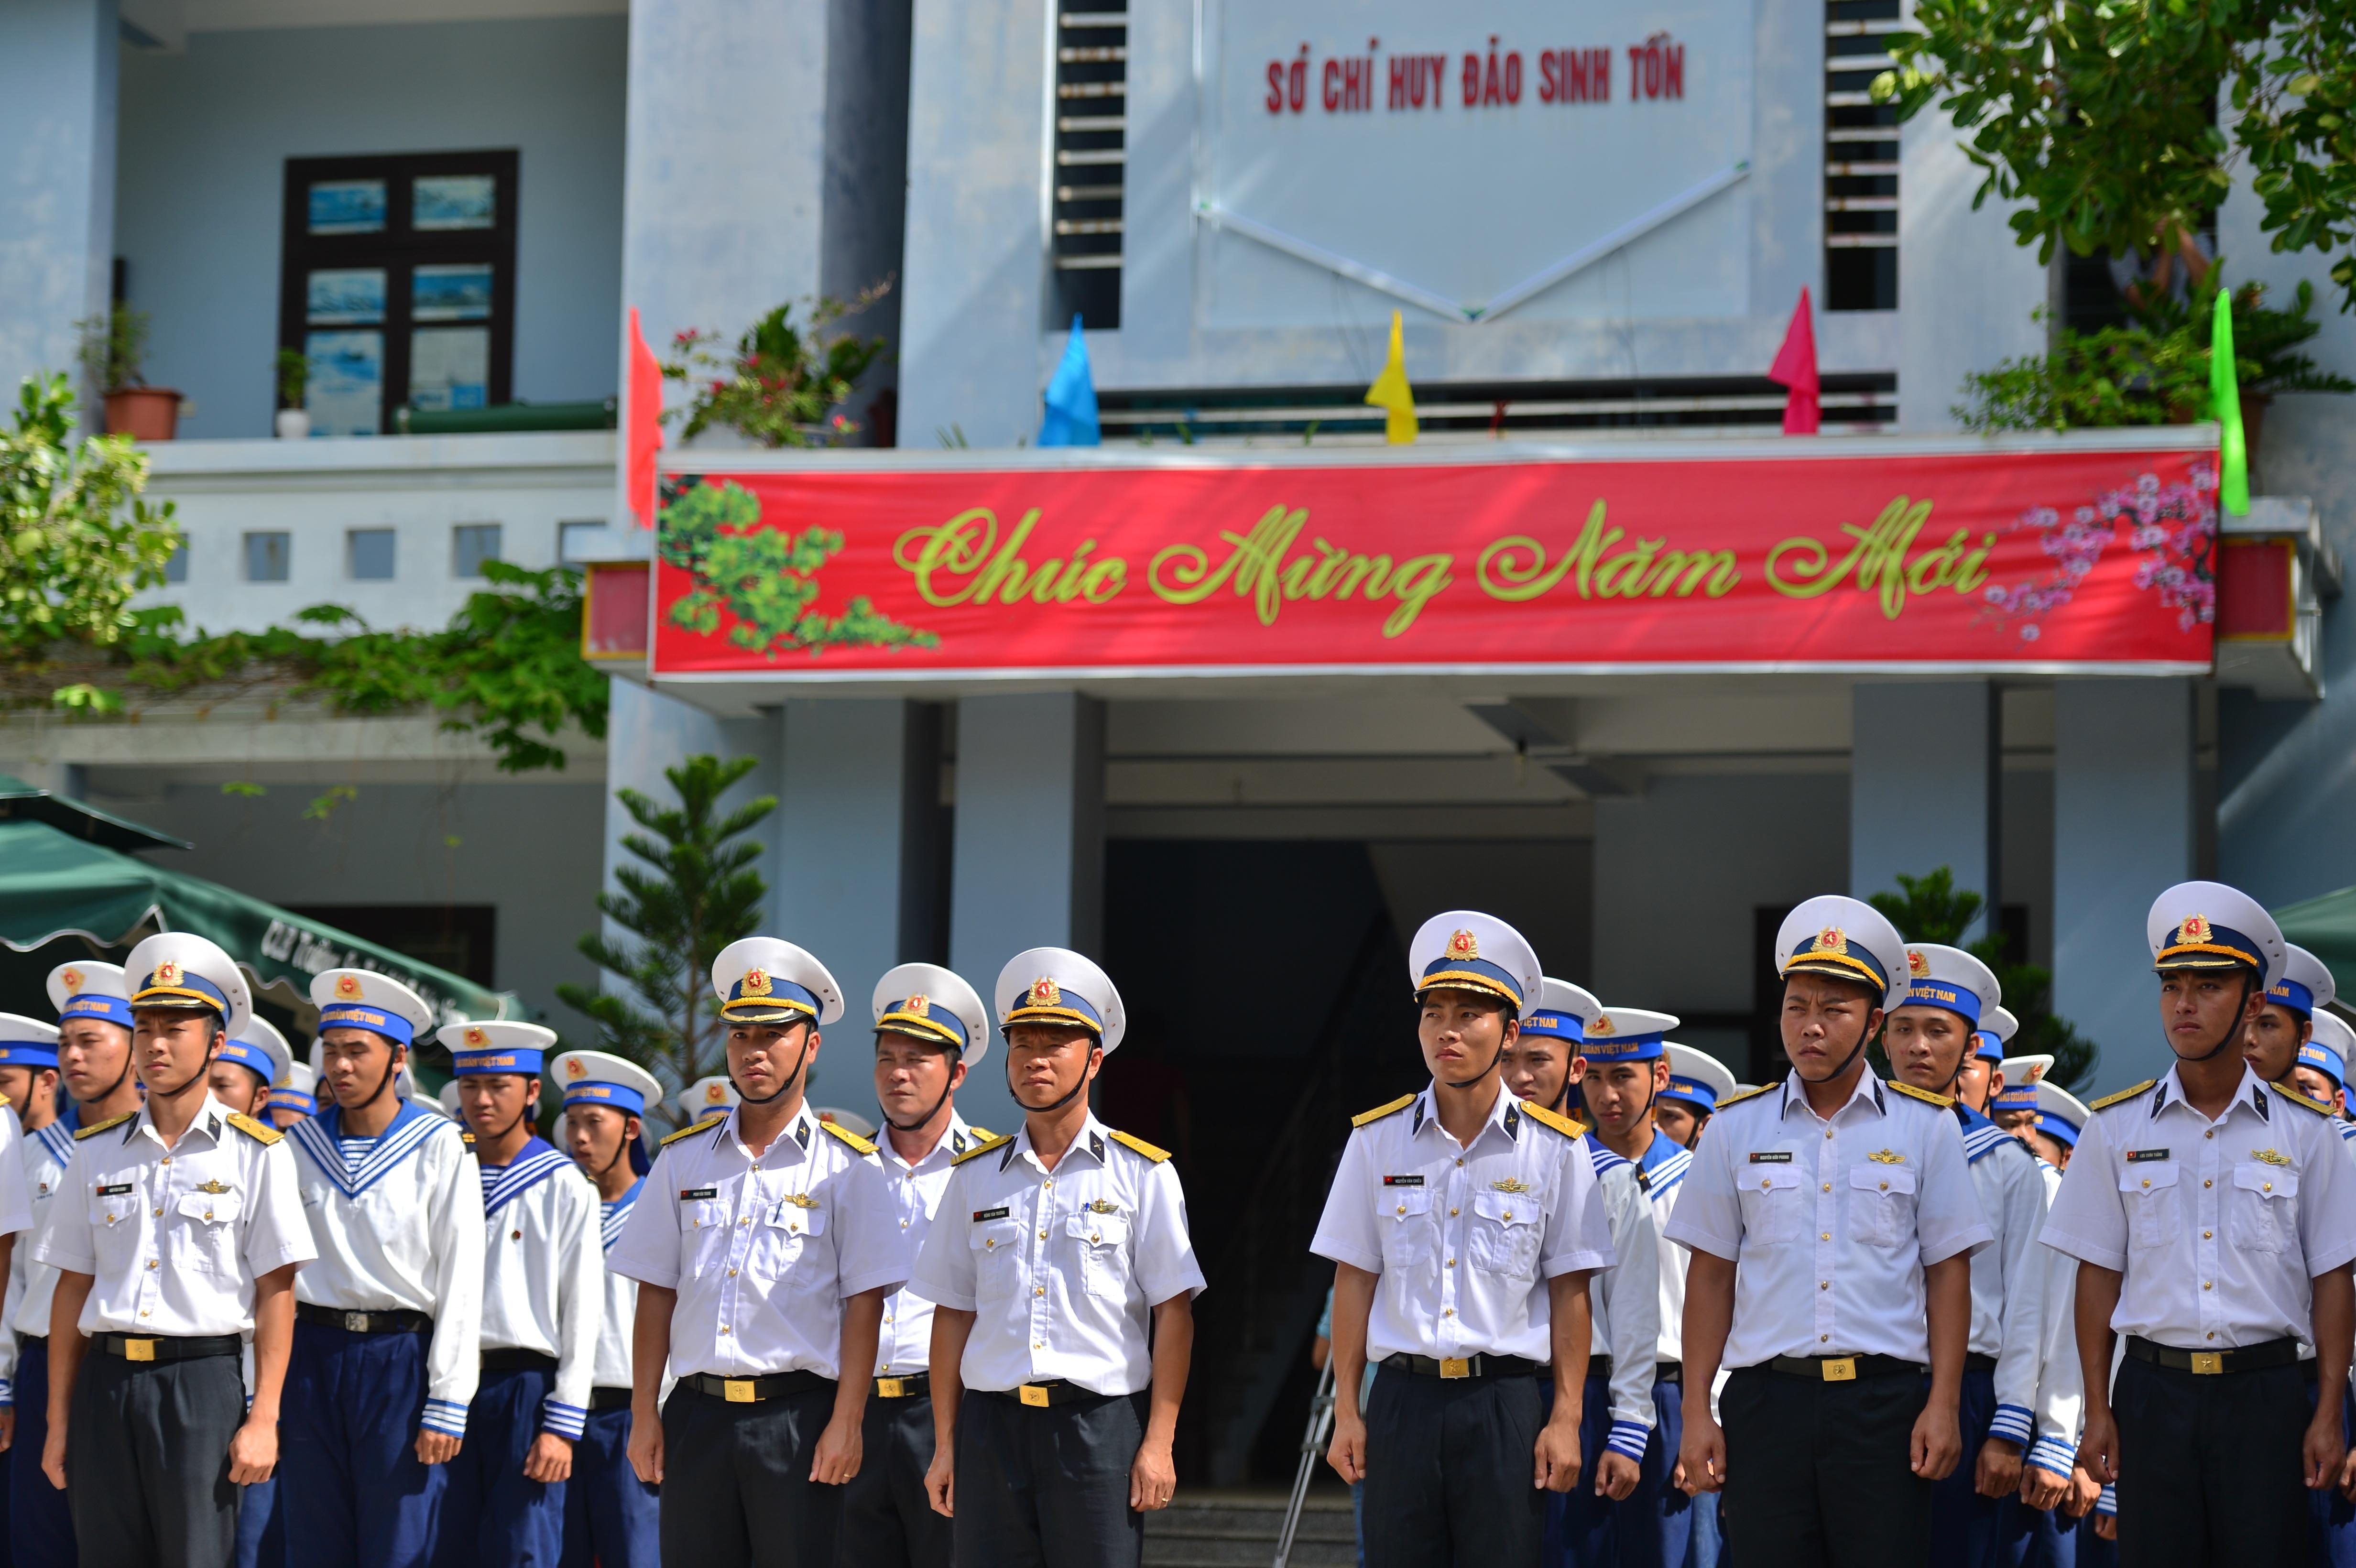 Thiêng liêng lễ chào cờ đầu năm mới tại Trường Sa - 3